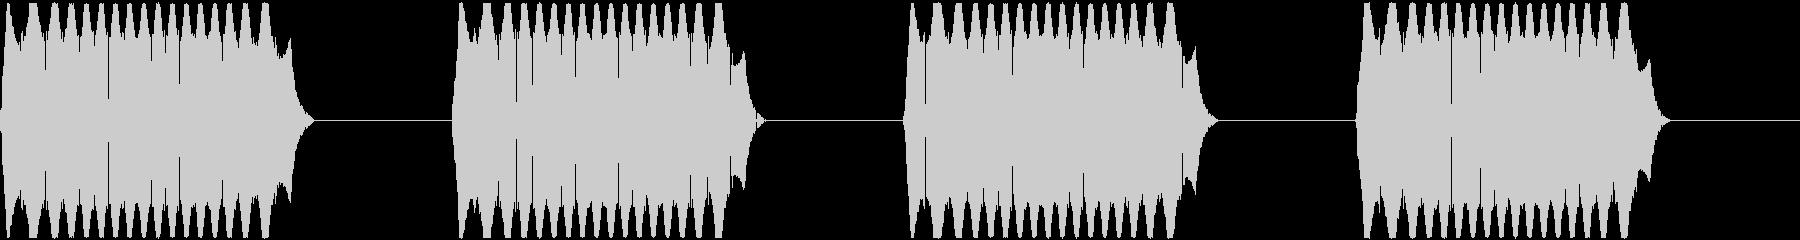 警報アラーム音(高bpm58)ドライ音の未再生の波形